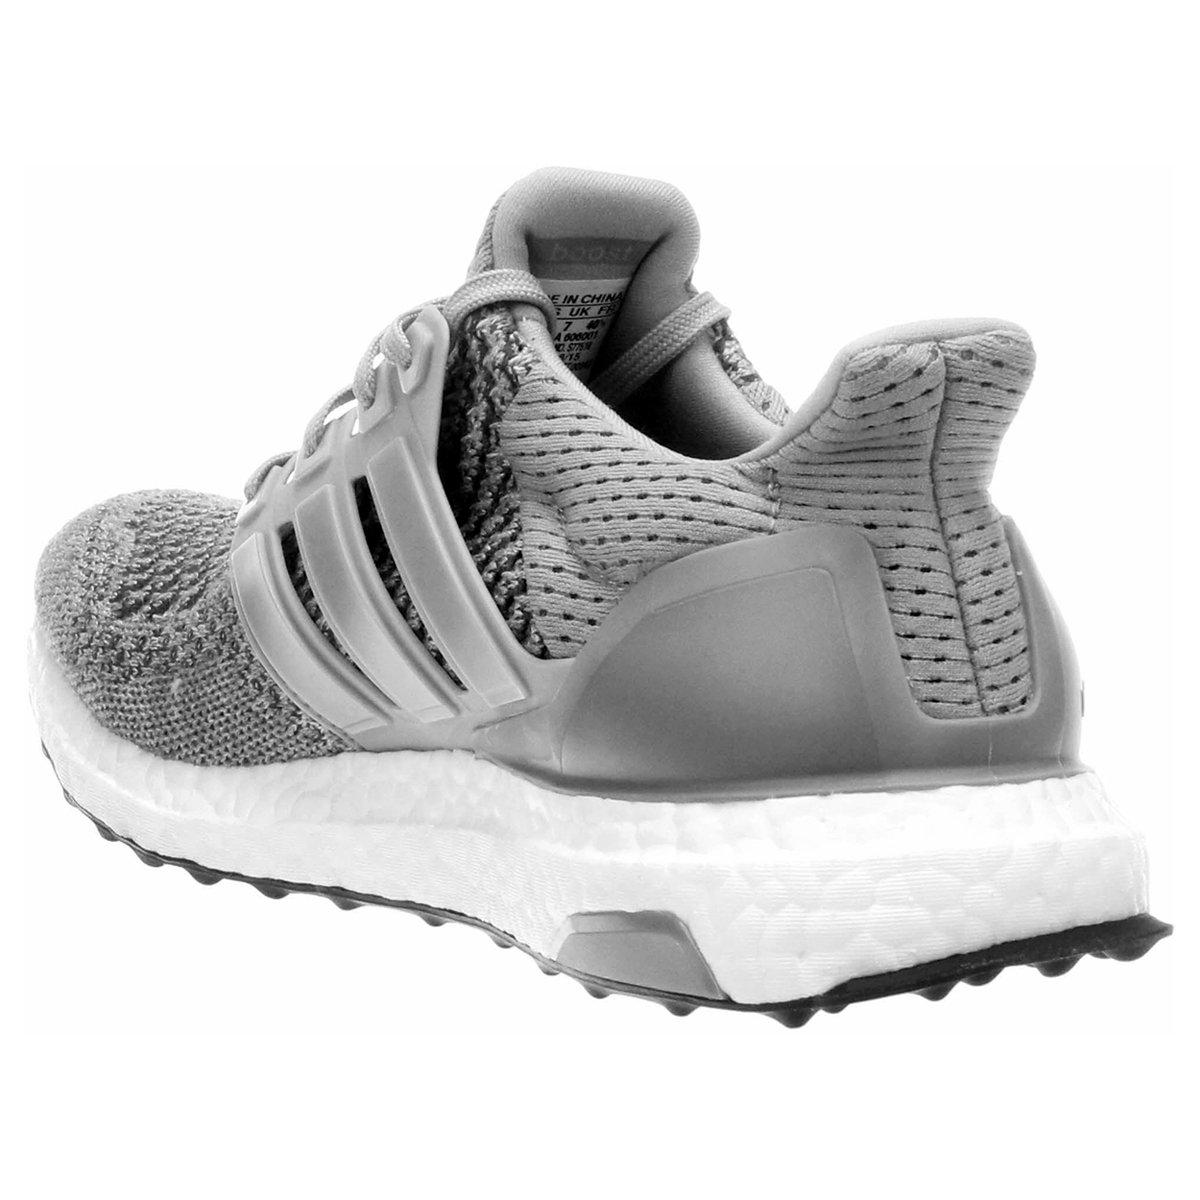 Tênis Adidas Ultra Boost - Compre Agora  3588d3c230e40